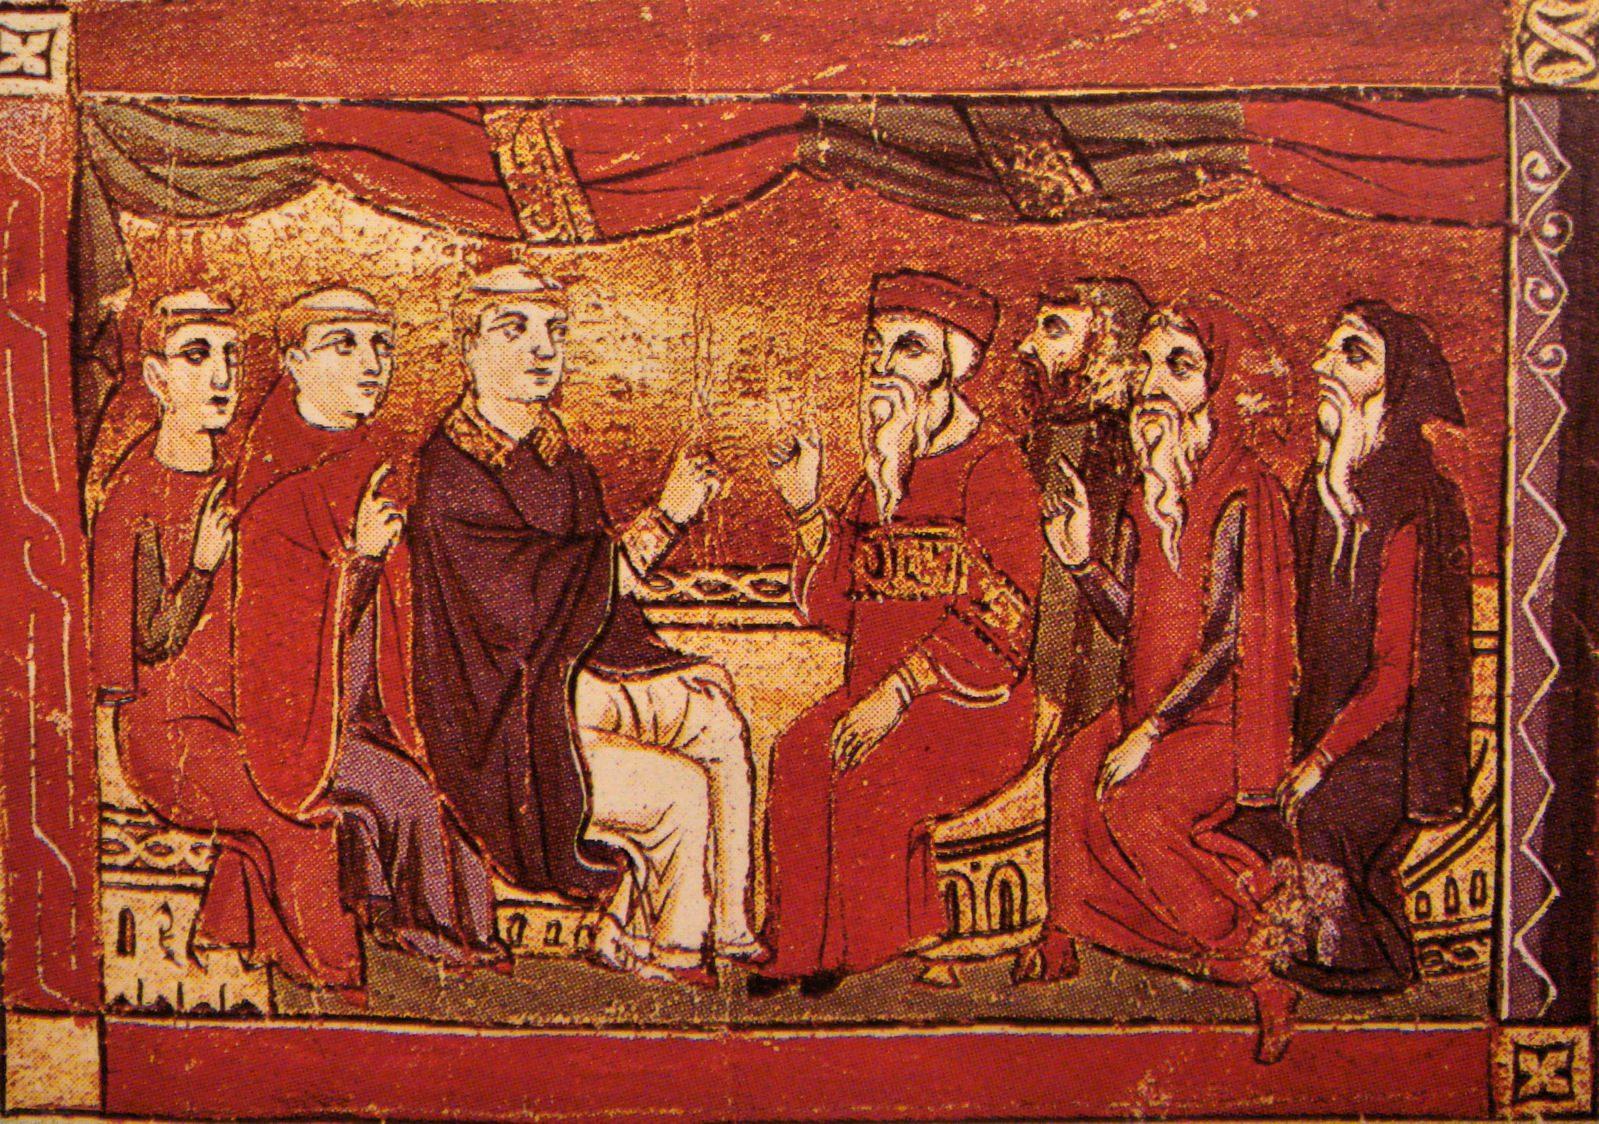 Πηγή εικόνας: about-history.com | Το Σχίσμα των δύο εκκλησιών